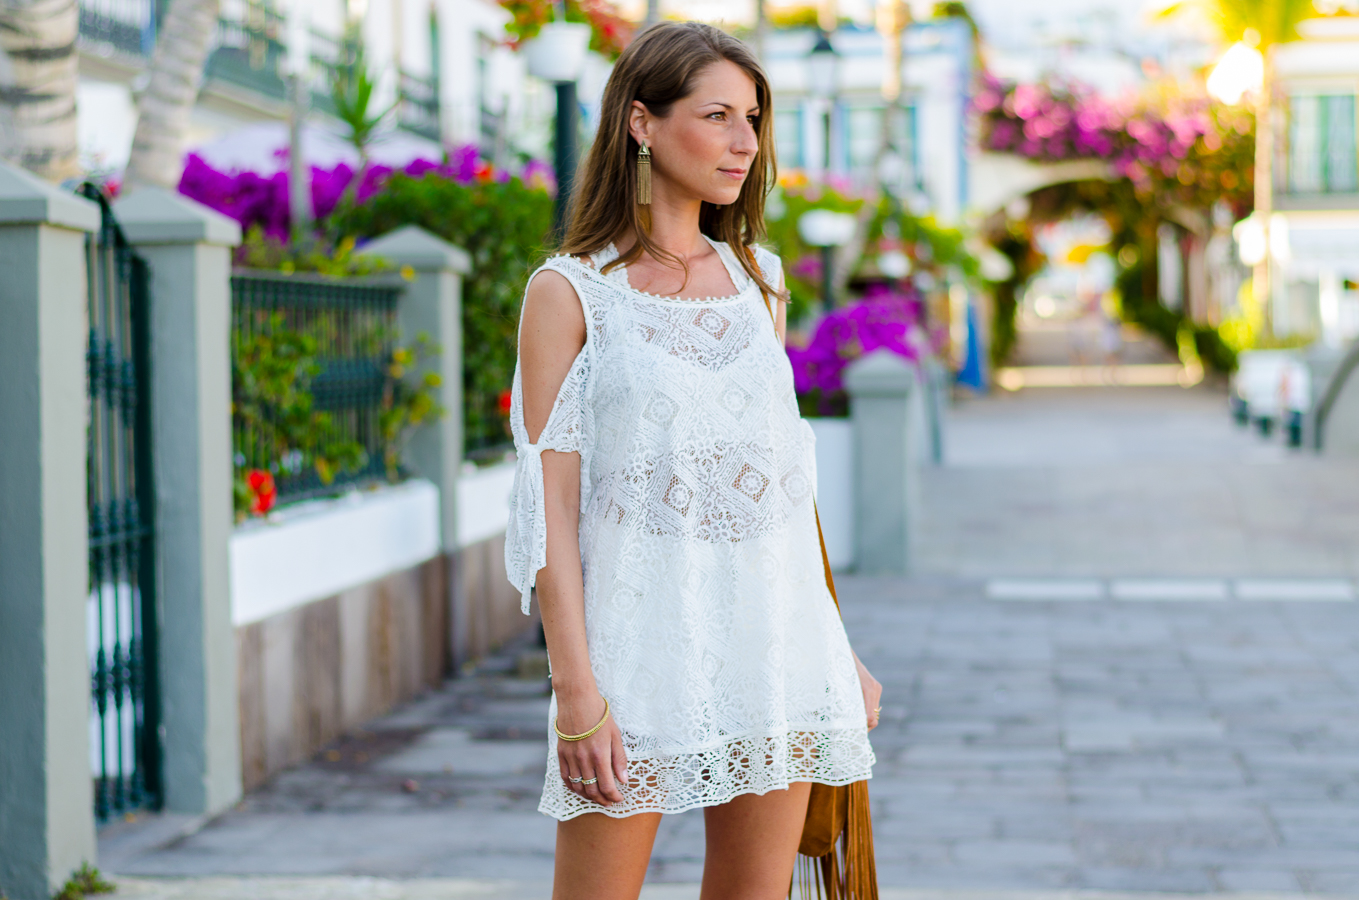 Outfit Boho Spitzenkleid von Free People Isabel Marant Sandalen und Fransentasche 13